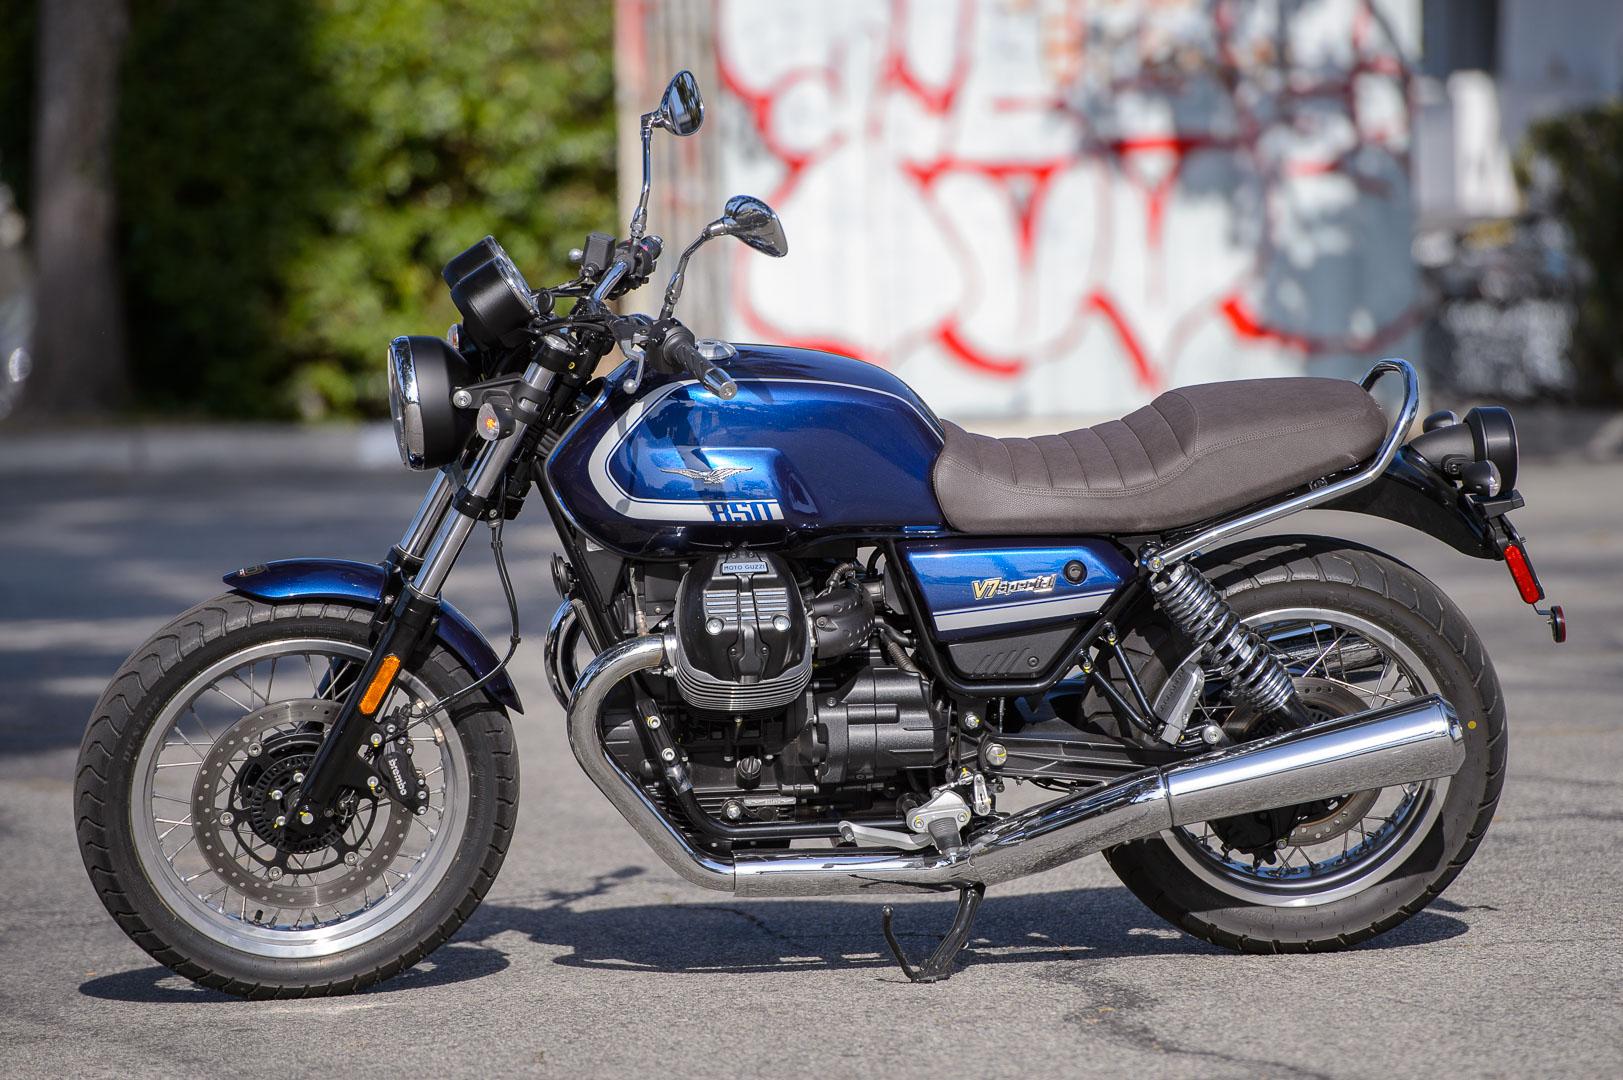 Mẫu môtô phong cách cổ điển V7 của Moto Guzzi. Ảnh: Ultimate Motorcycling